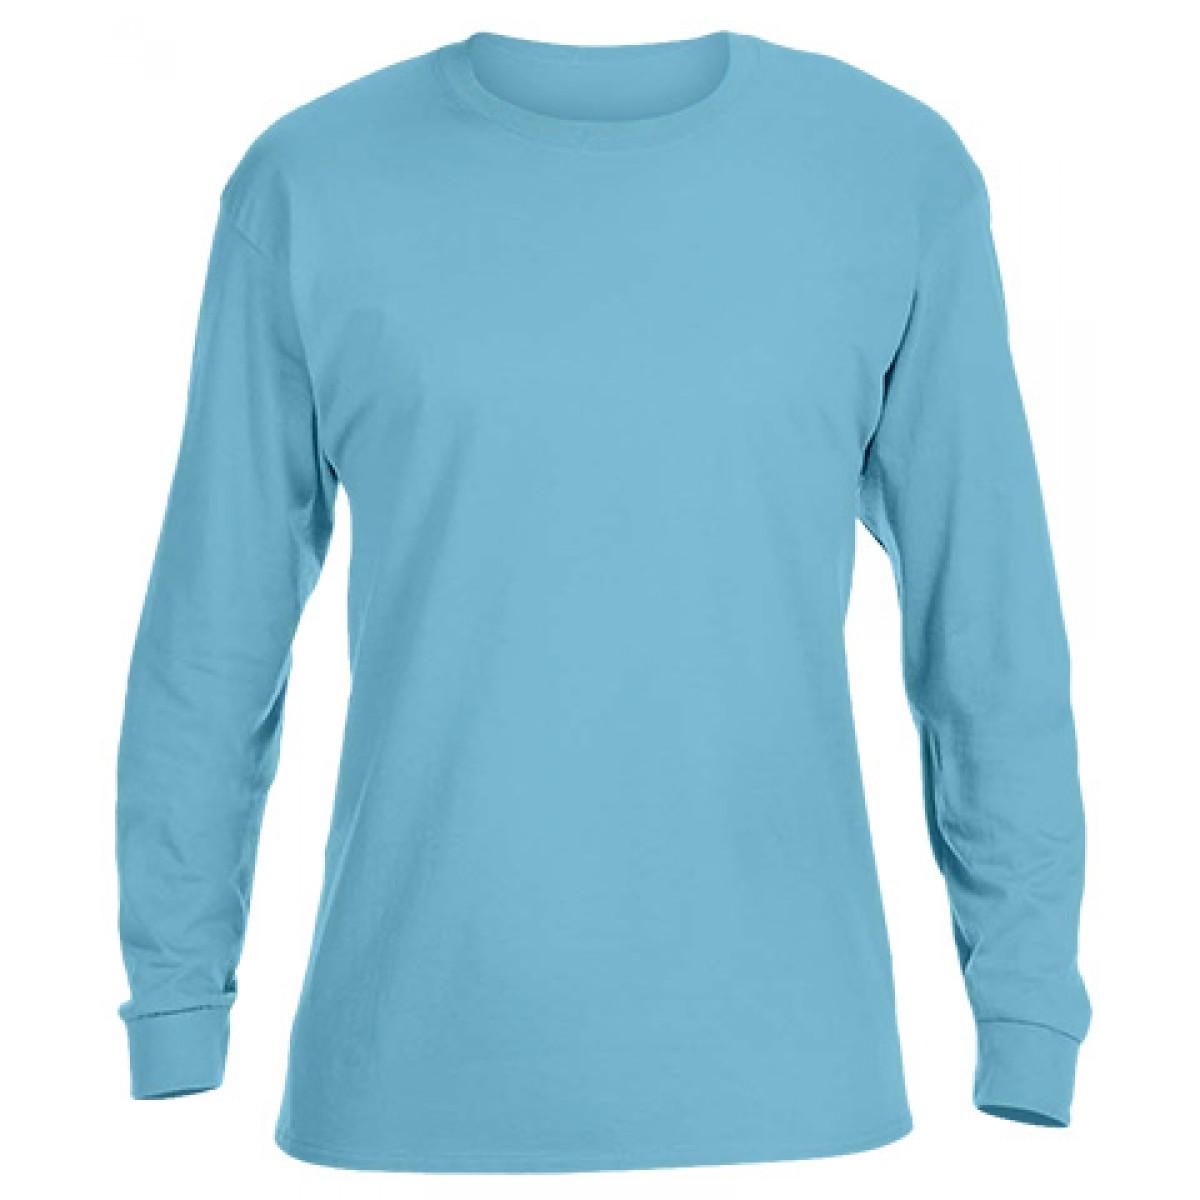 Ultra Cotton Long-Sleeve T-Shirt-Sky Blue-S